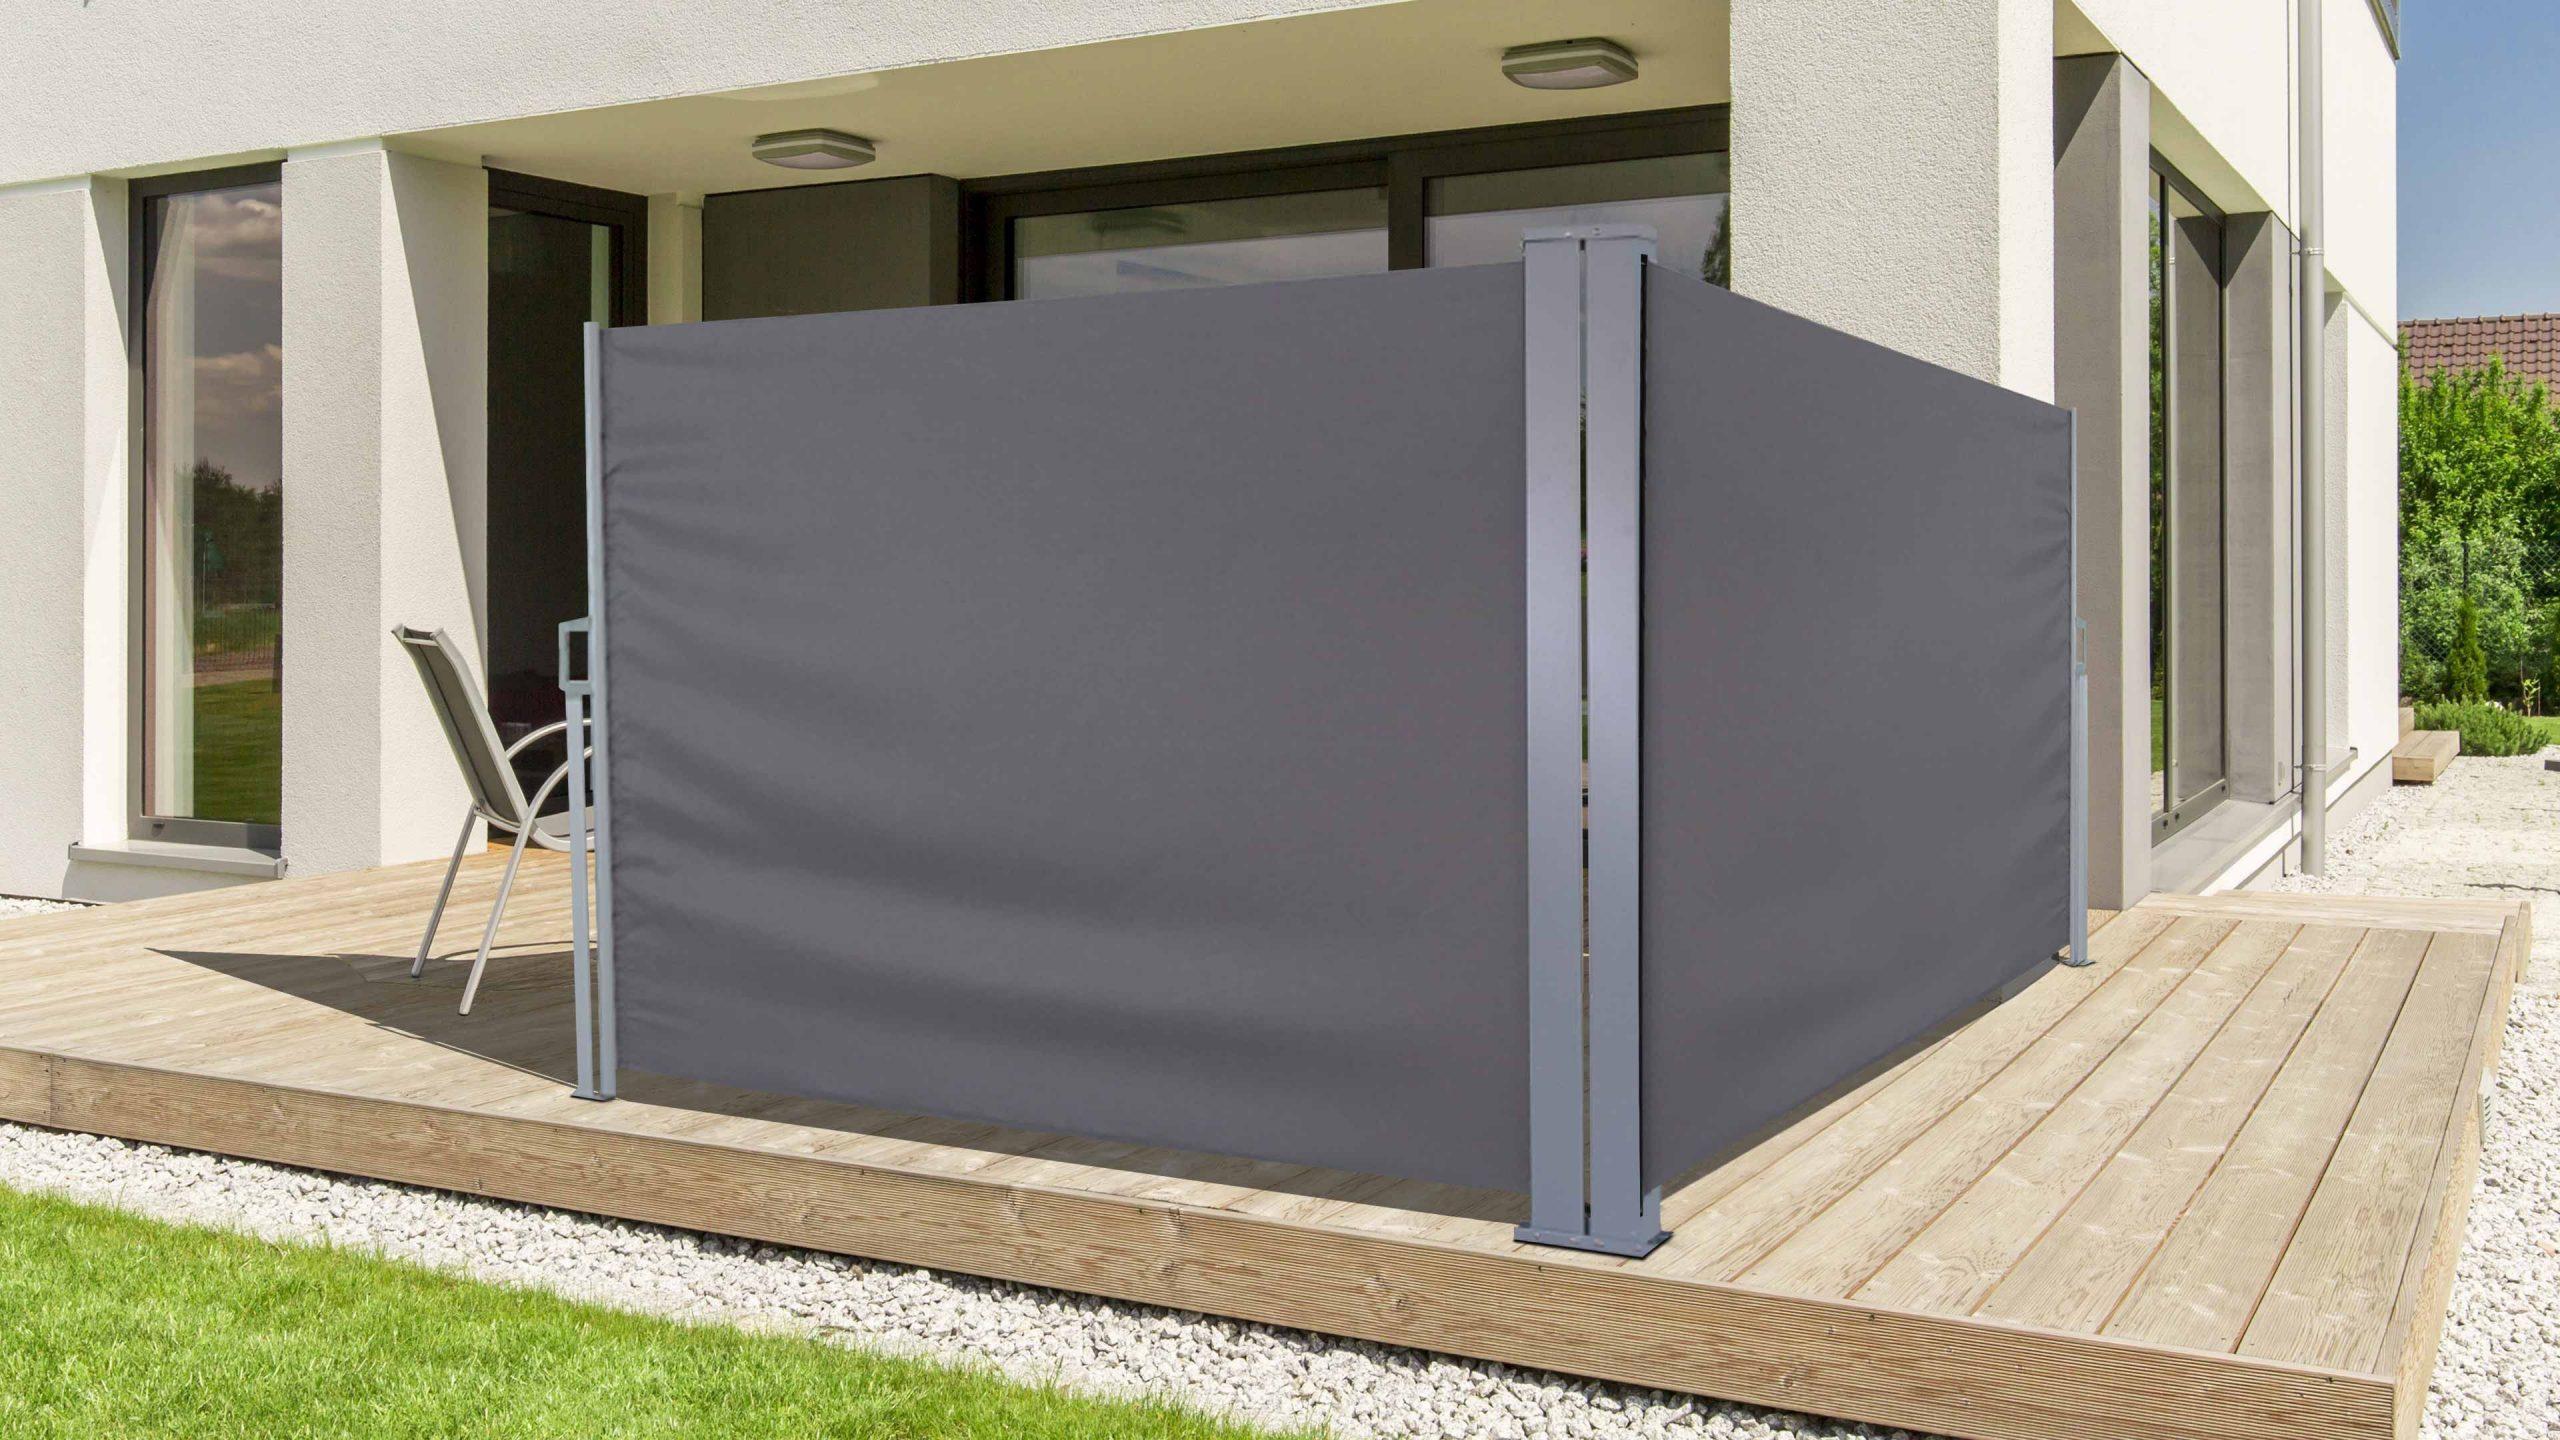 New Brise Vue Enroulable 4M | Home, House, Retractable Awning intérieur Paravent Leroy Merlin Exterieur